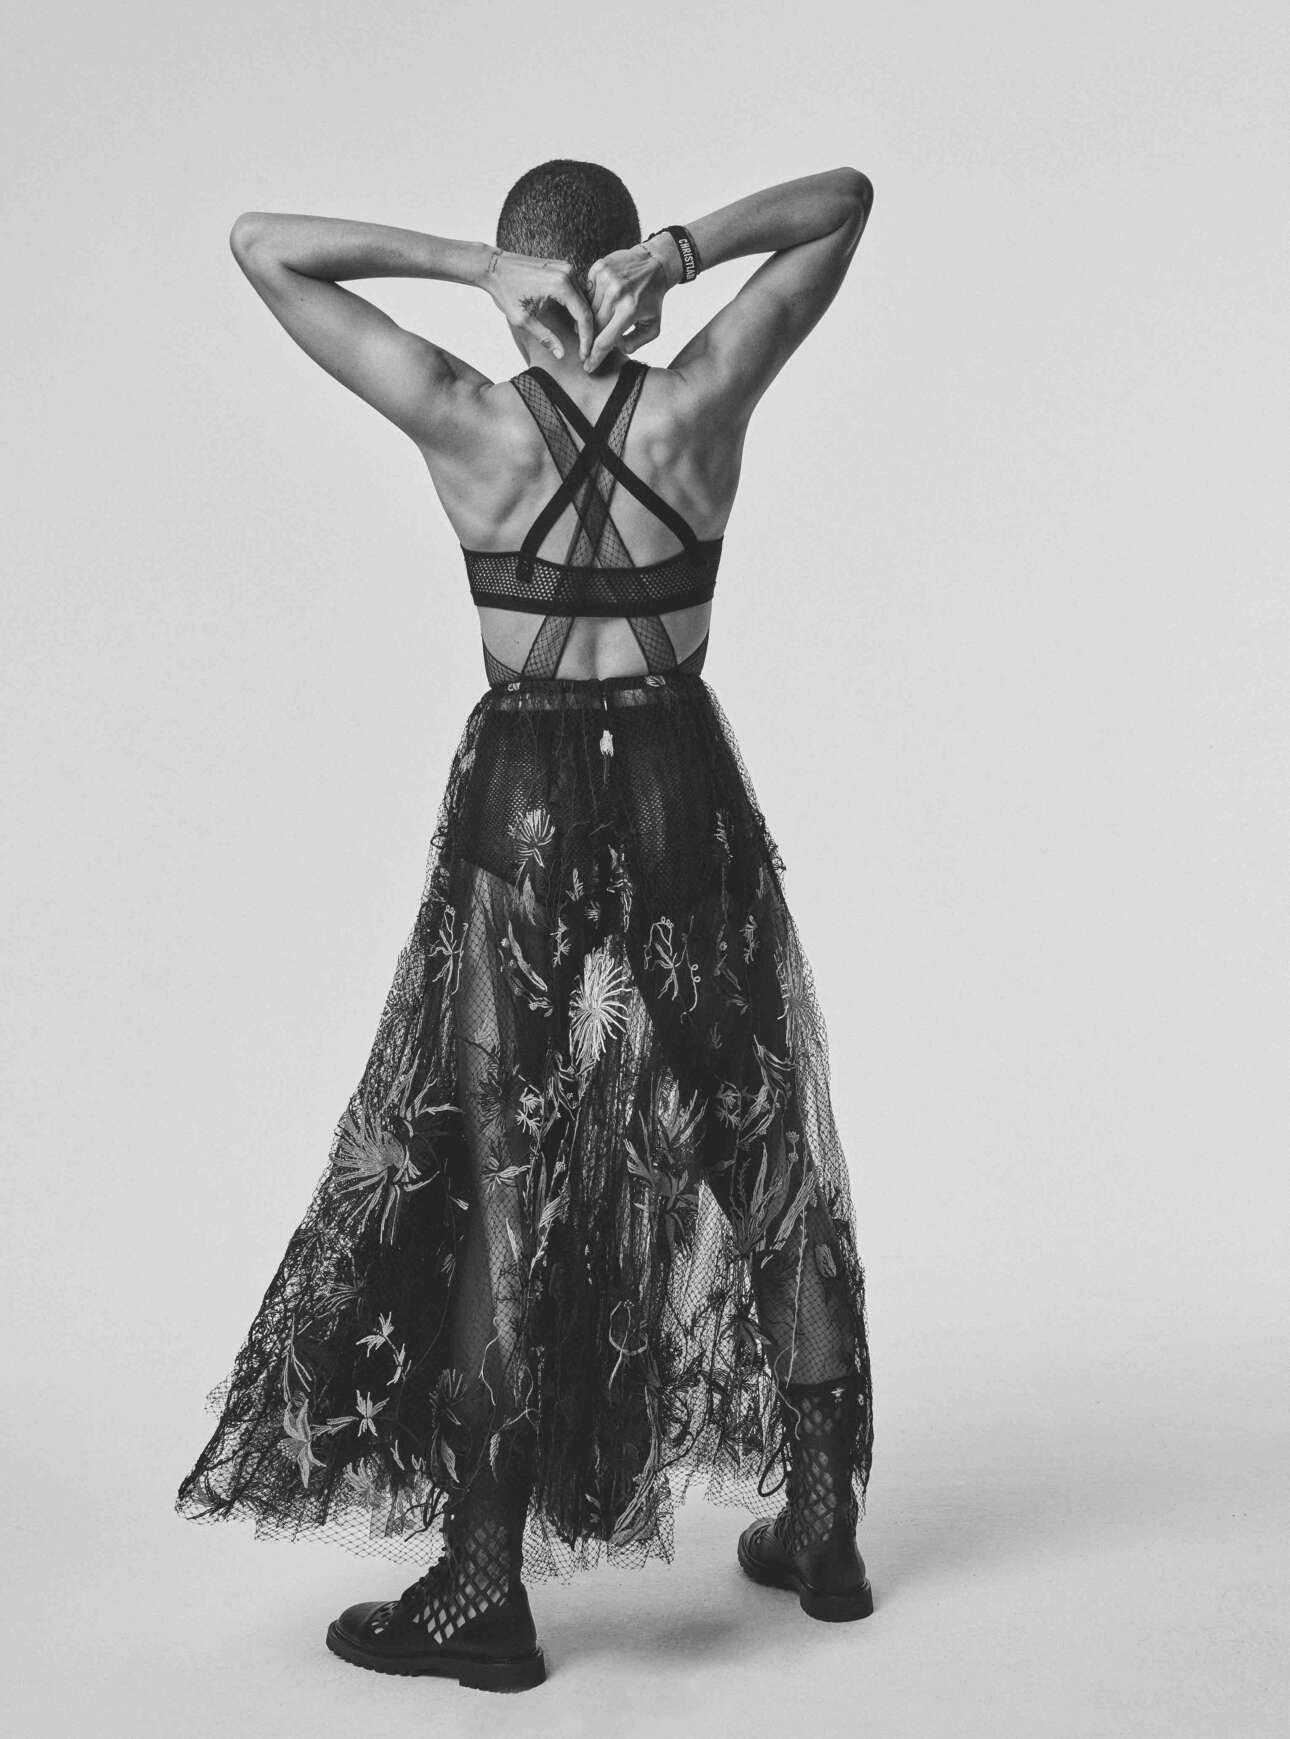 To μοντέλο Adwoa Aboah με Dior Ανοιξη-Καλοκαίρι 2020. Η φωτογραφία δημοσιεύτηκε για πρώτη φορά στη Vogue Γερμανίας